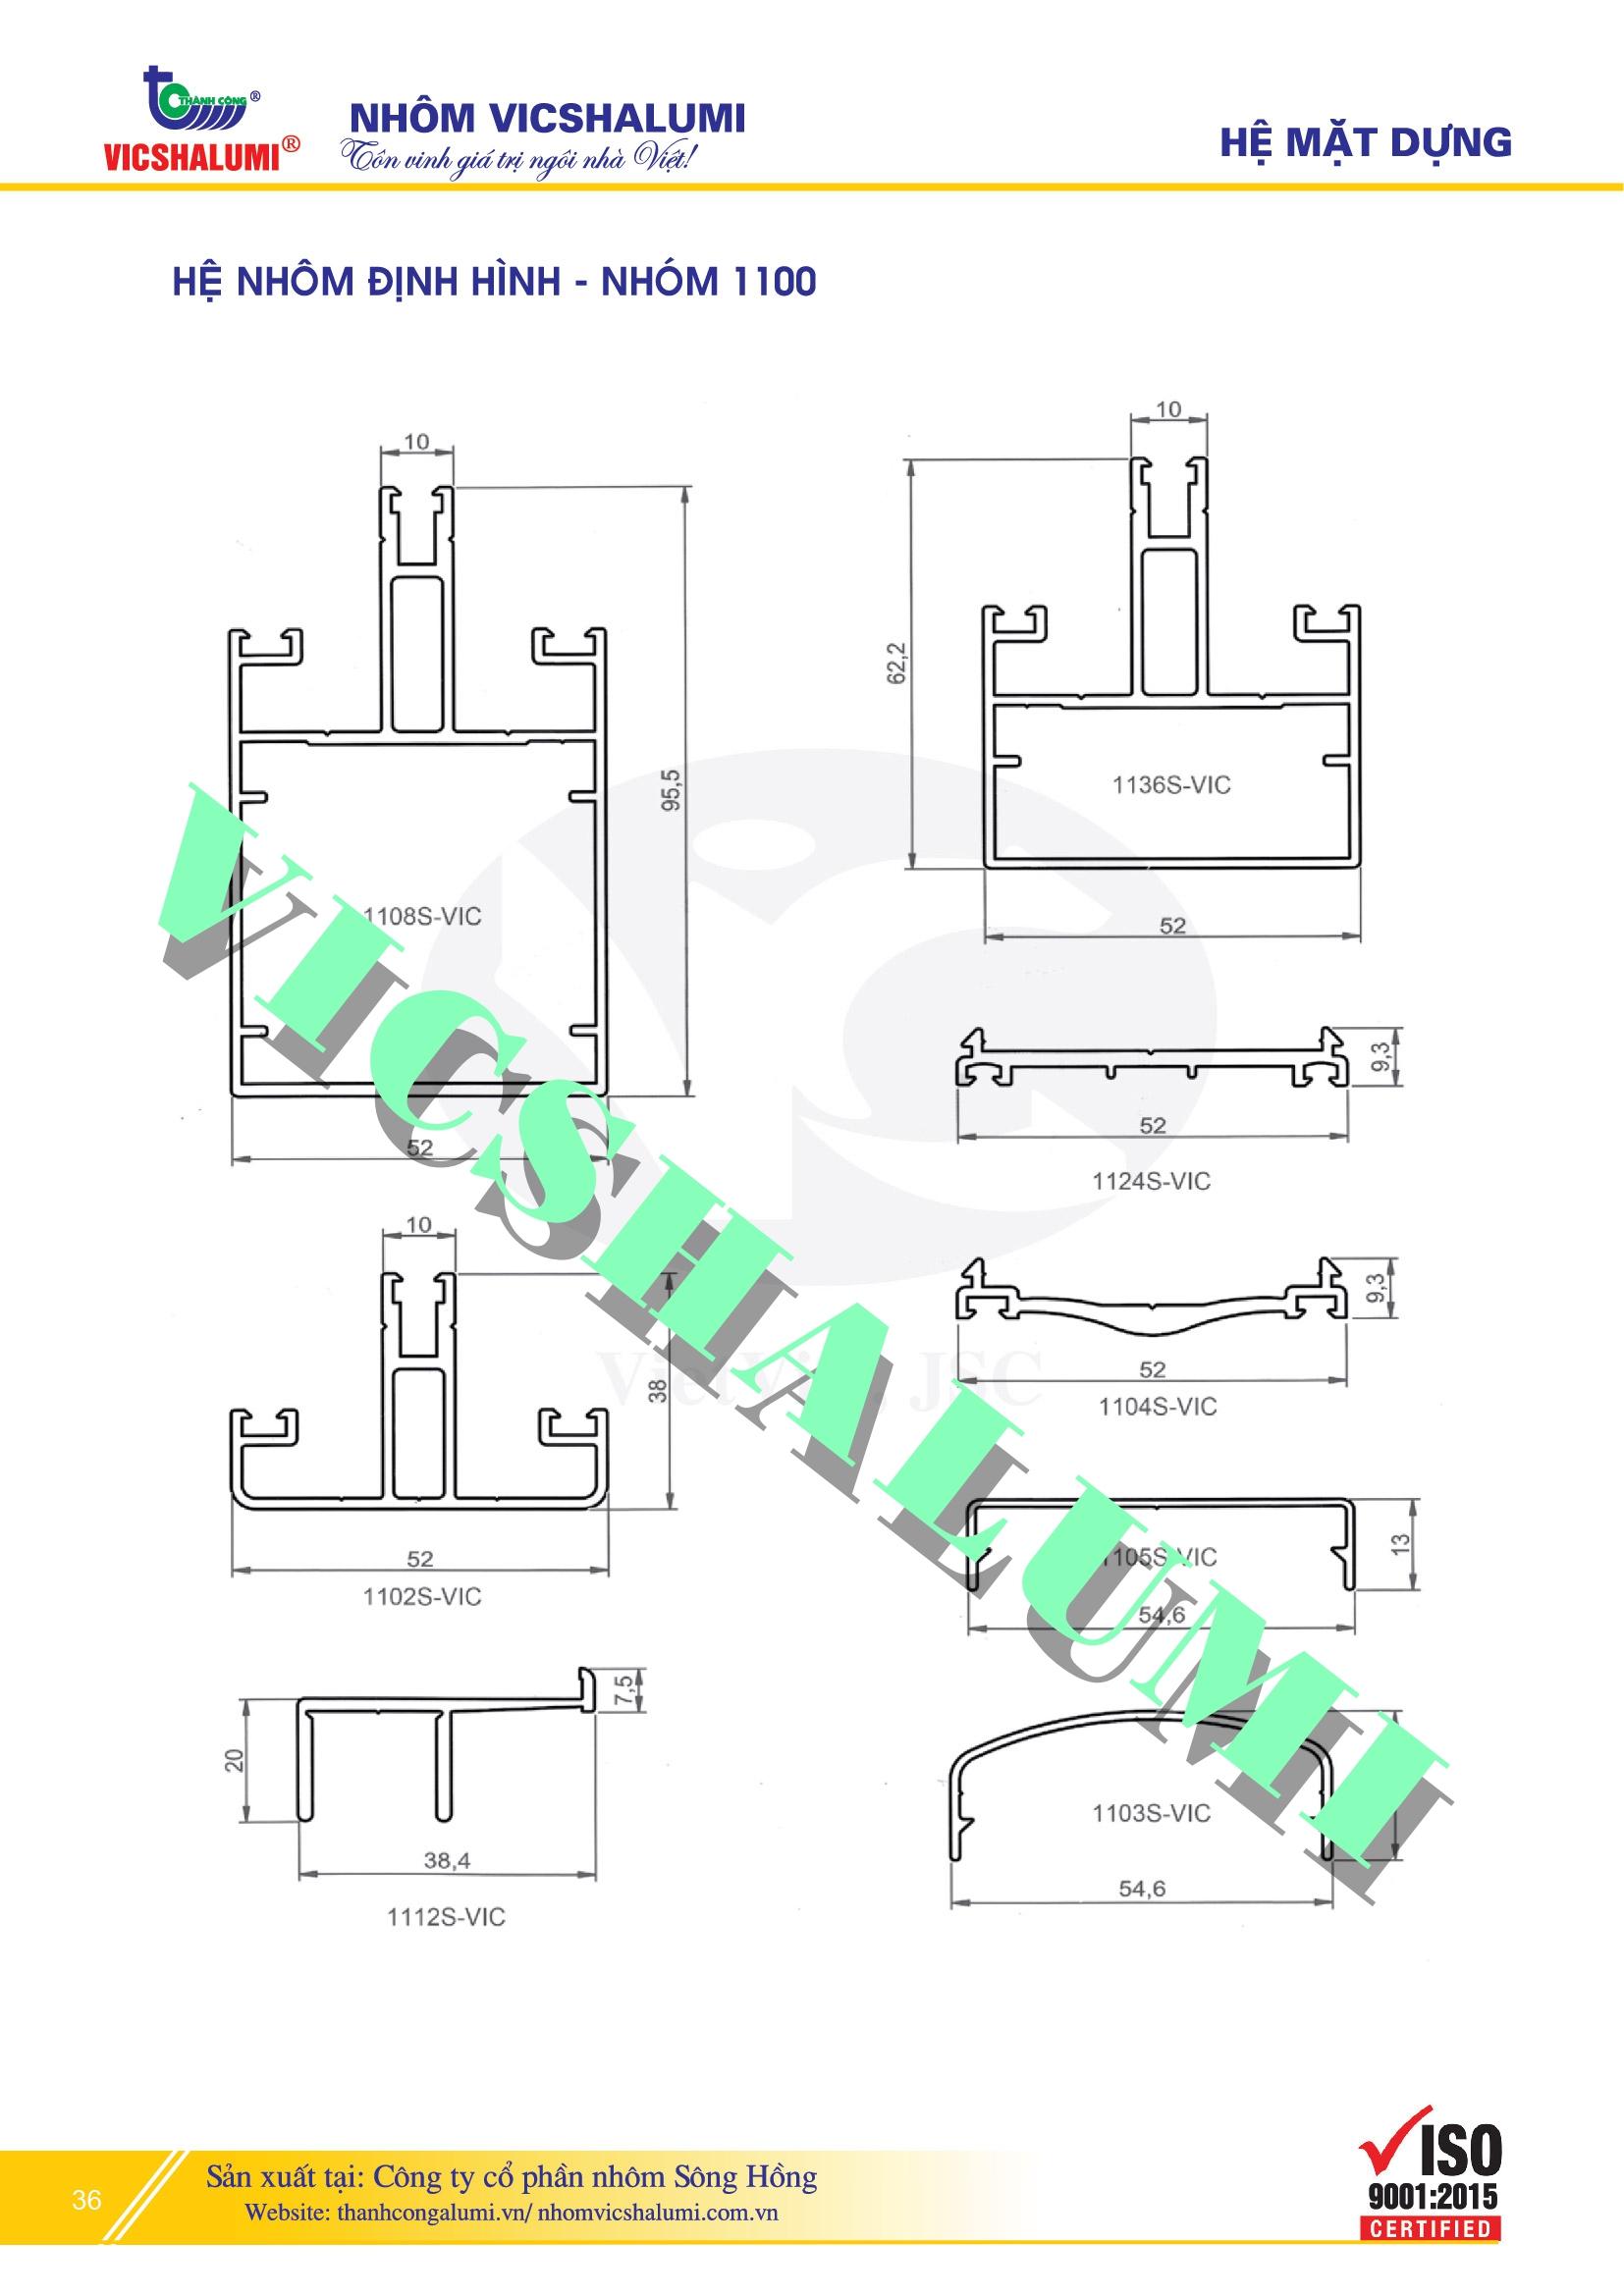 Hệ Nhôm Định Hình - Nhóm 1100